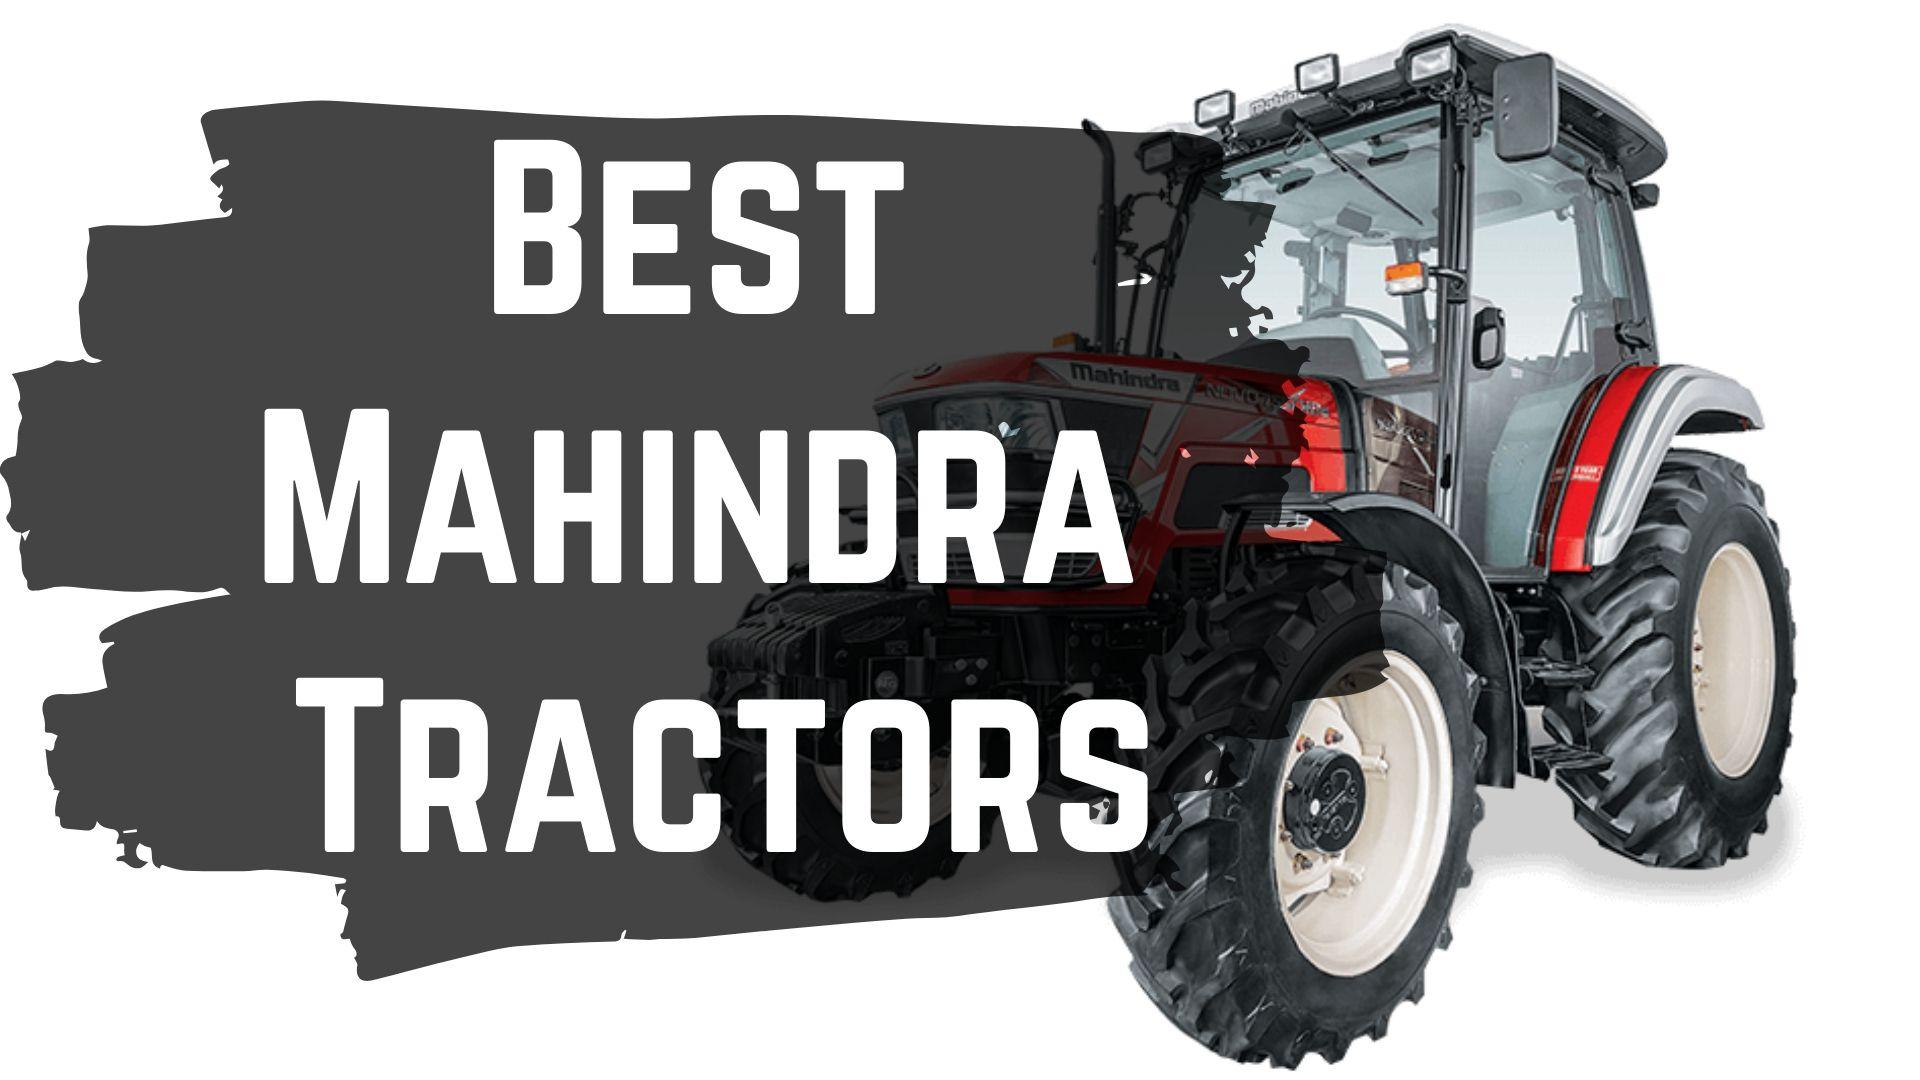 Best Mahindra Tractors